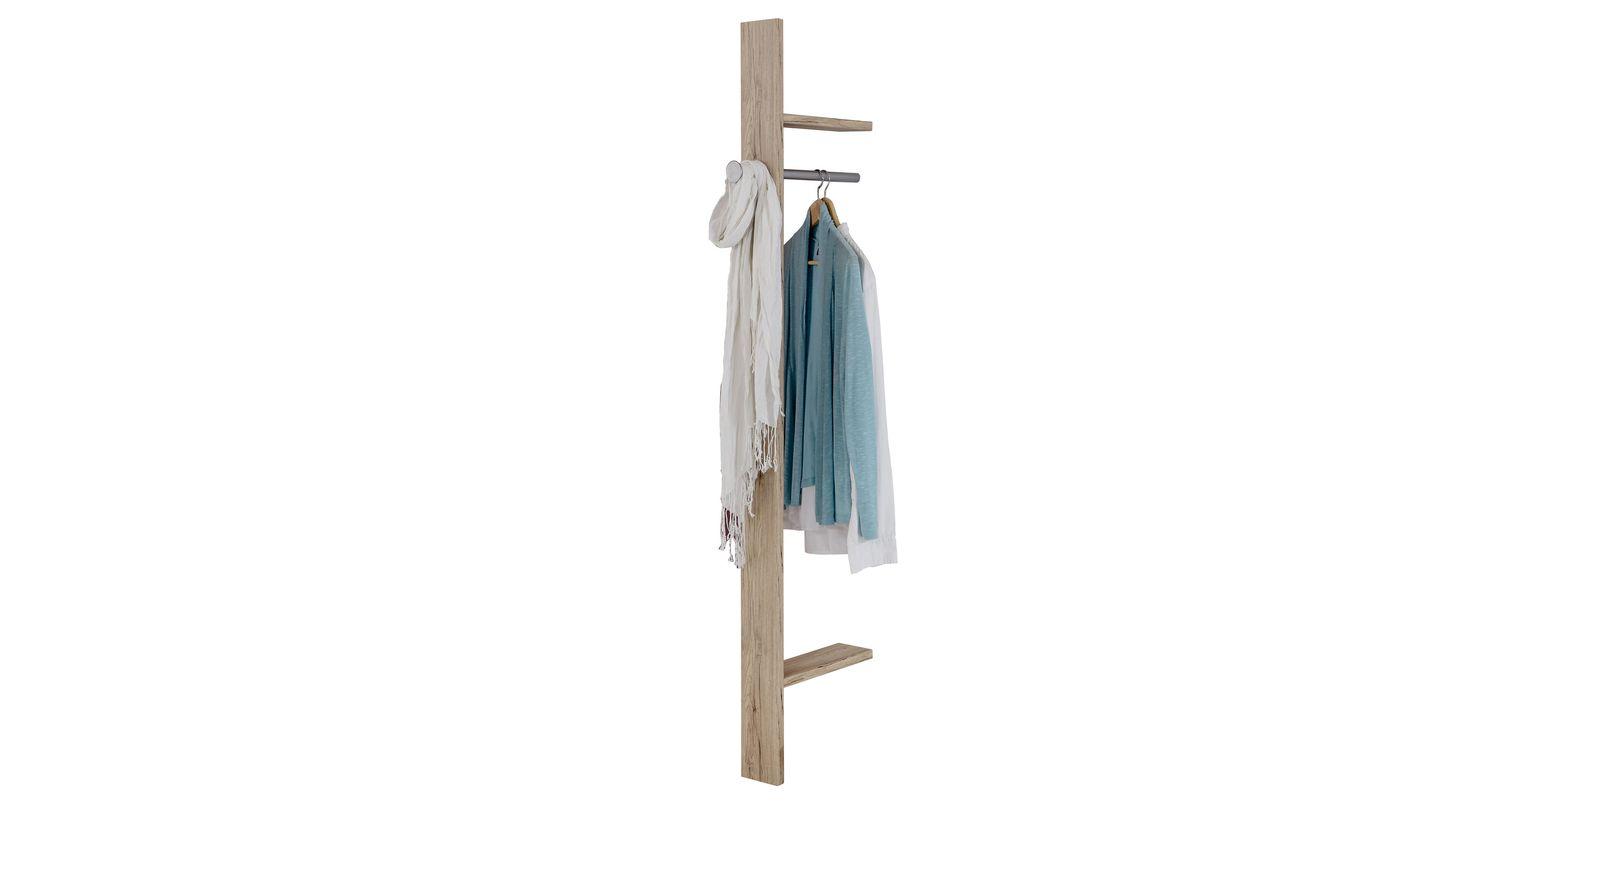 Anbau-Garderobe Tropea als praktische Ergänzung zum Kleiderschrank